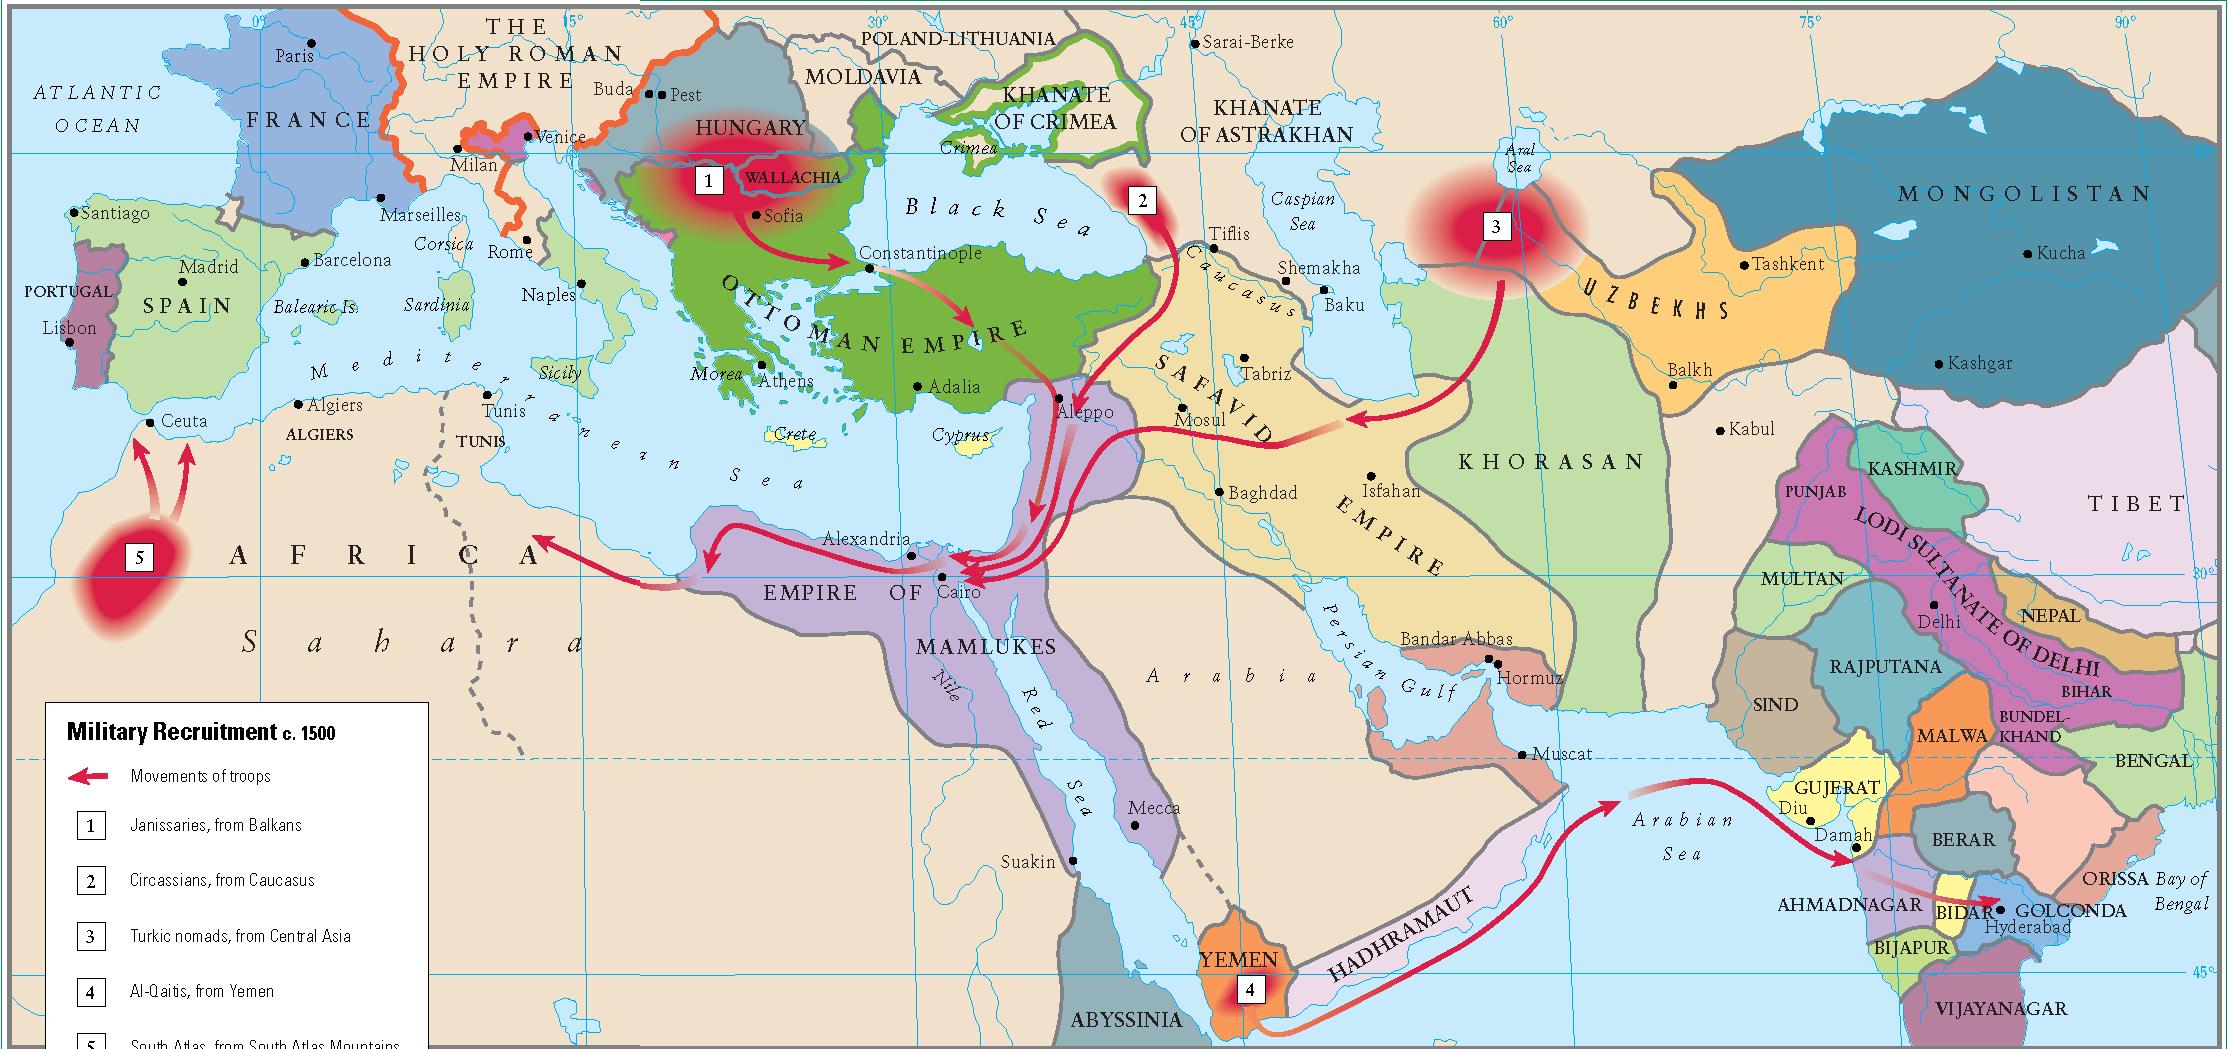 http://tarihvemedeniyet.org/wp-content/uploads/2009/10/14-1500-de-askeri-merkezler.png